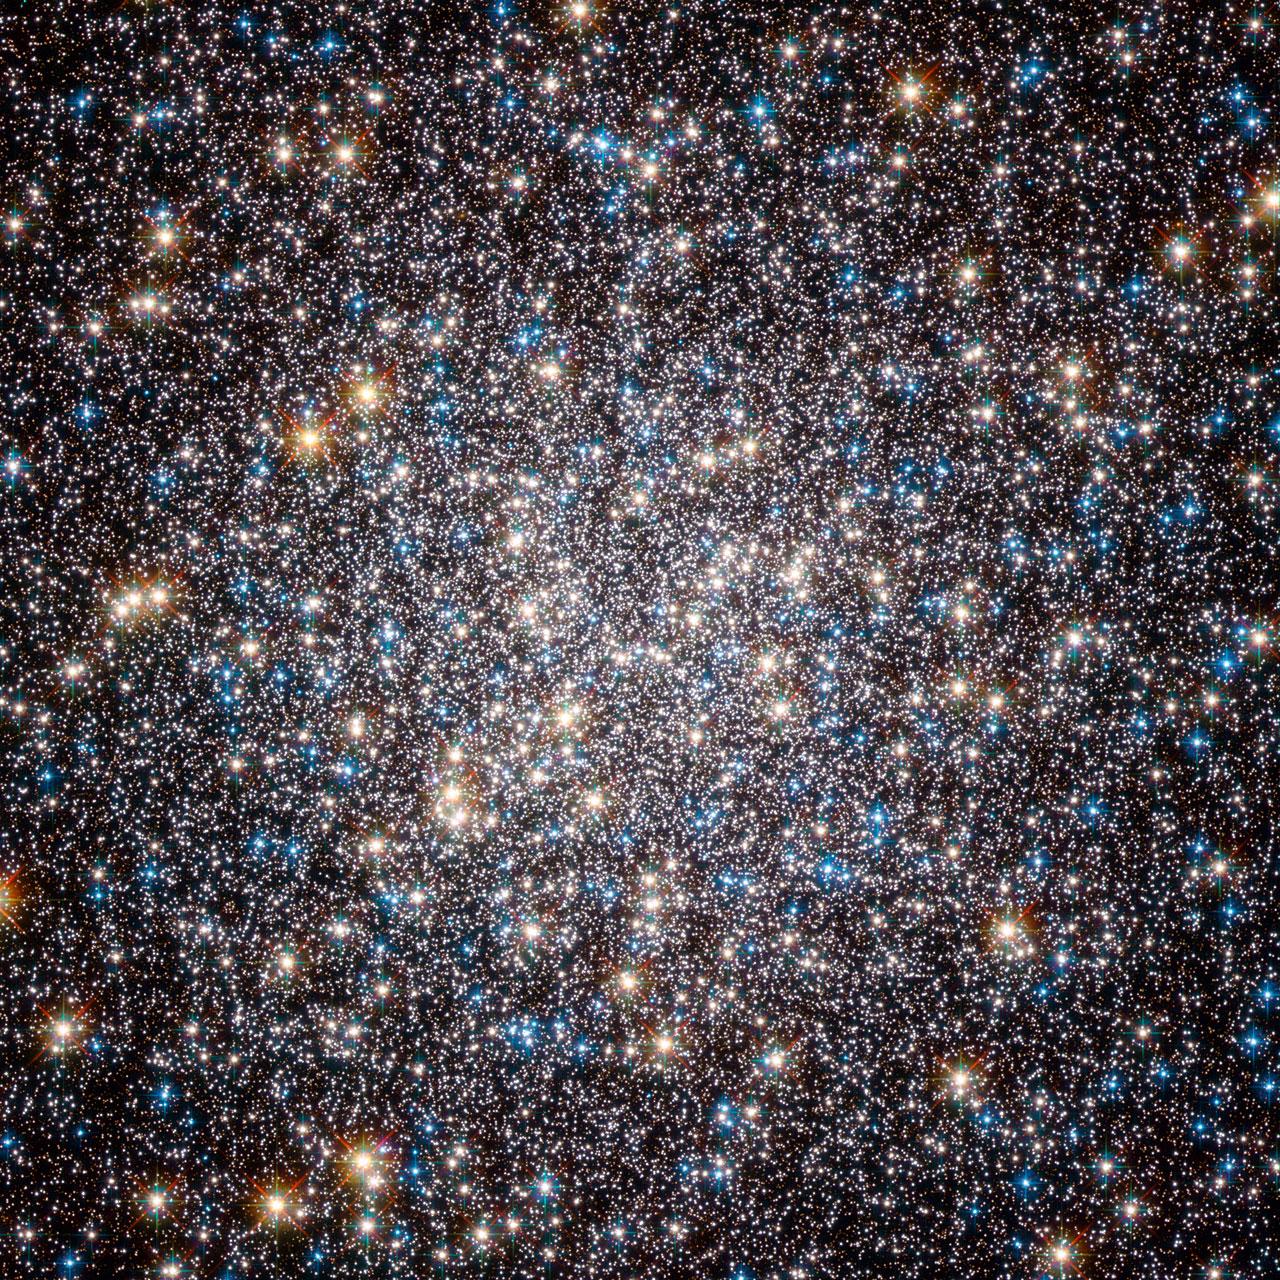 Phần tâm dày đặc sao của Cụm sao Messier 13. Hình ảnh: ESA/Hubble & NASA.